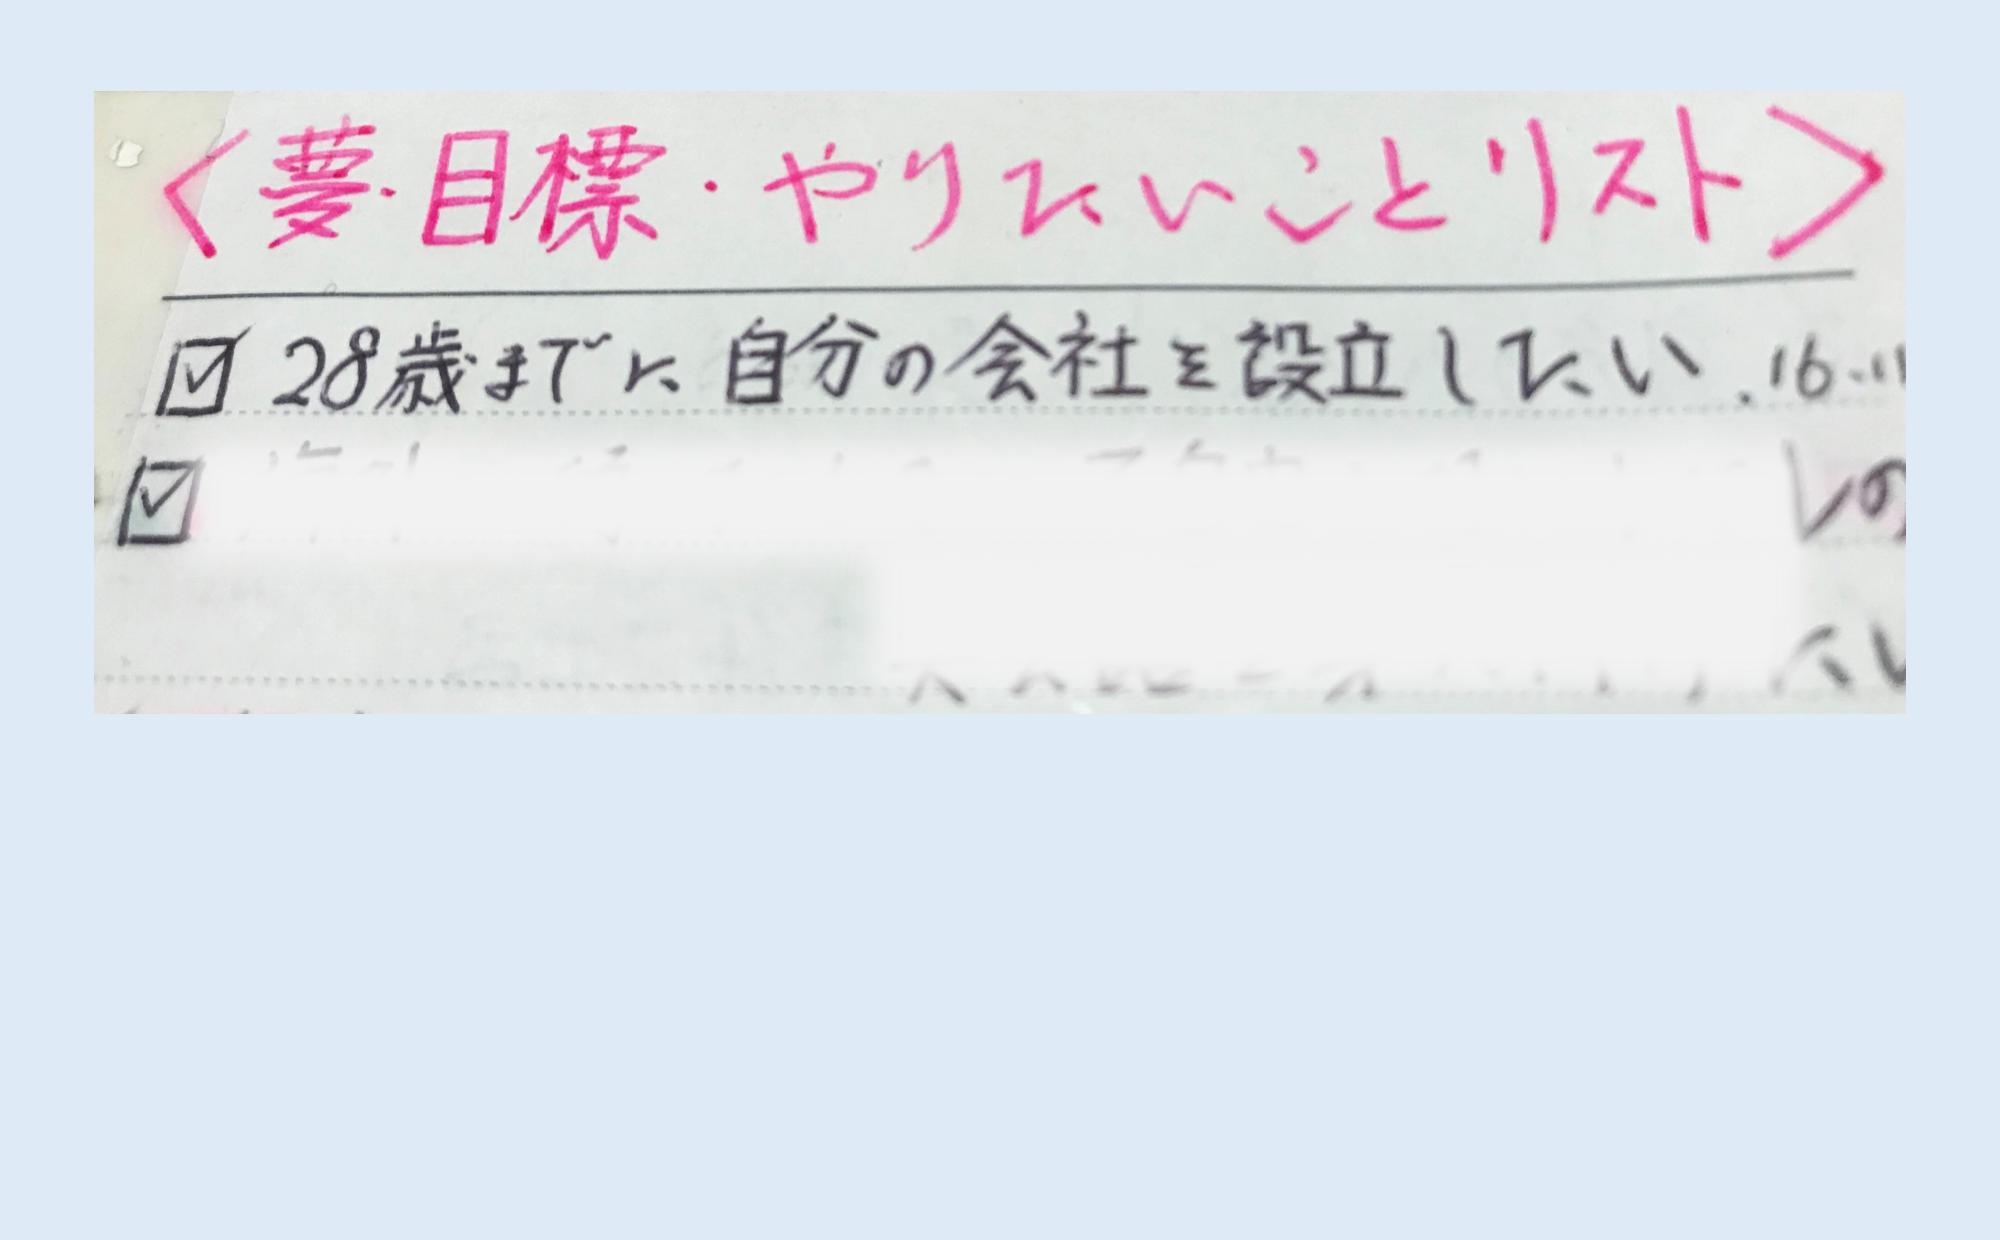 高田がコンサルタントとして独立・起業するまでの話